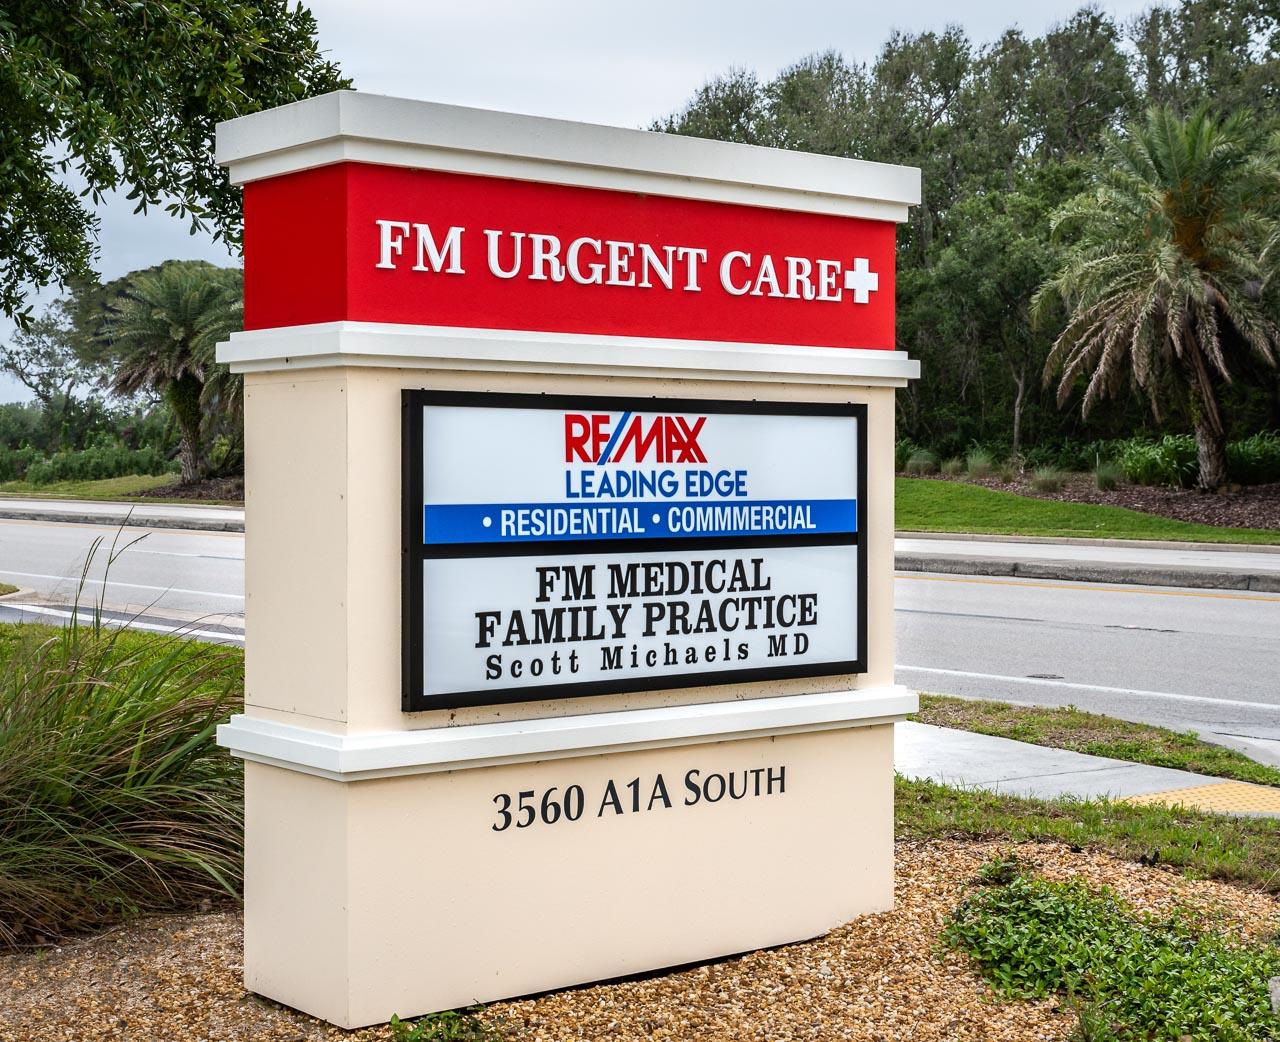 FM Urgent Care